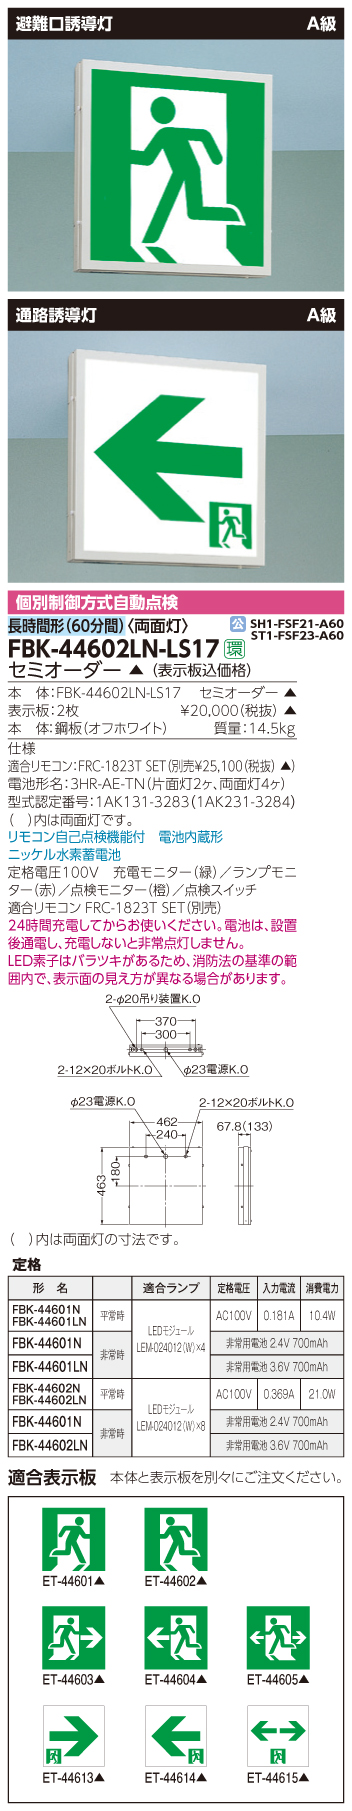 【法人様限定】東芝 FBK-44602LN-LS17 LED誘導灯 両面灯 天井・壁直付 A級 長時間(60分)